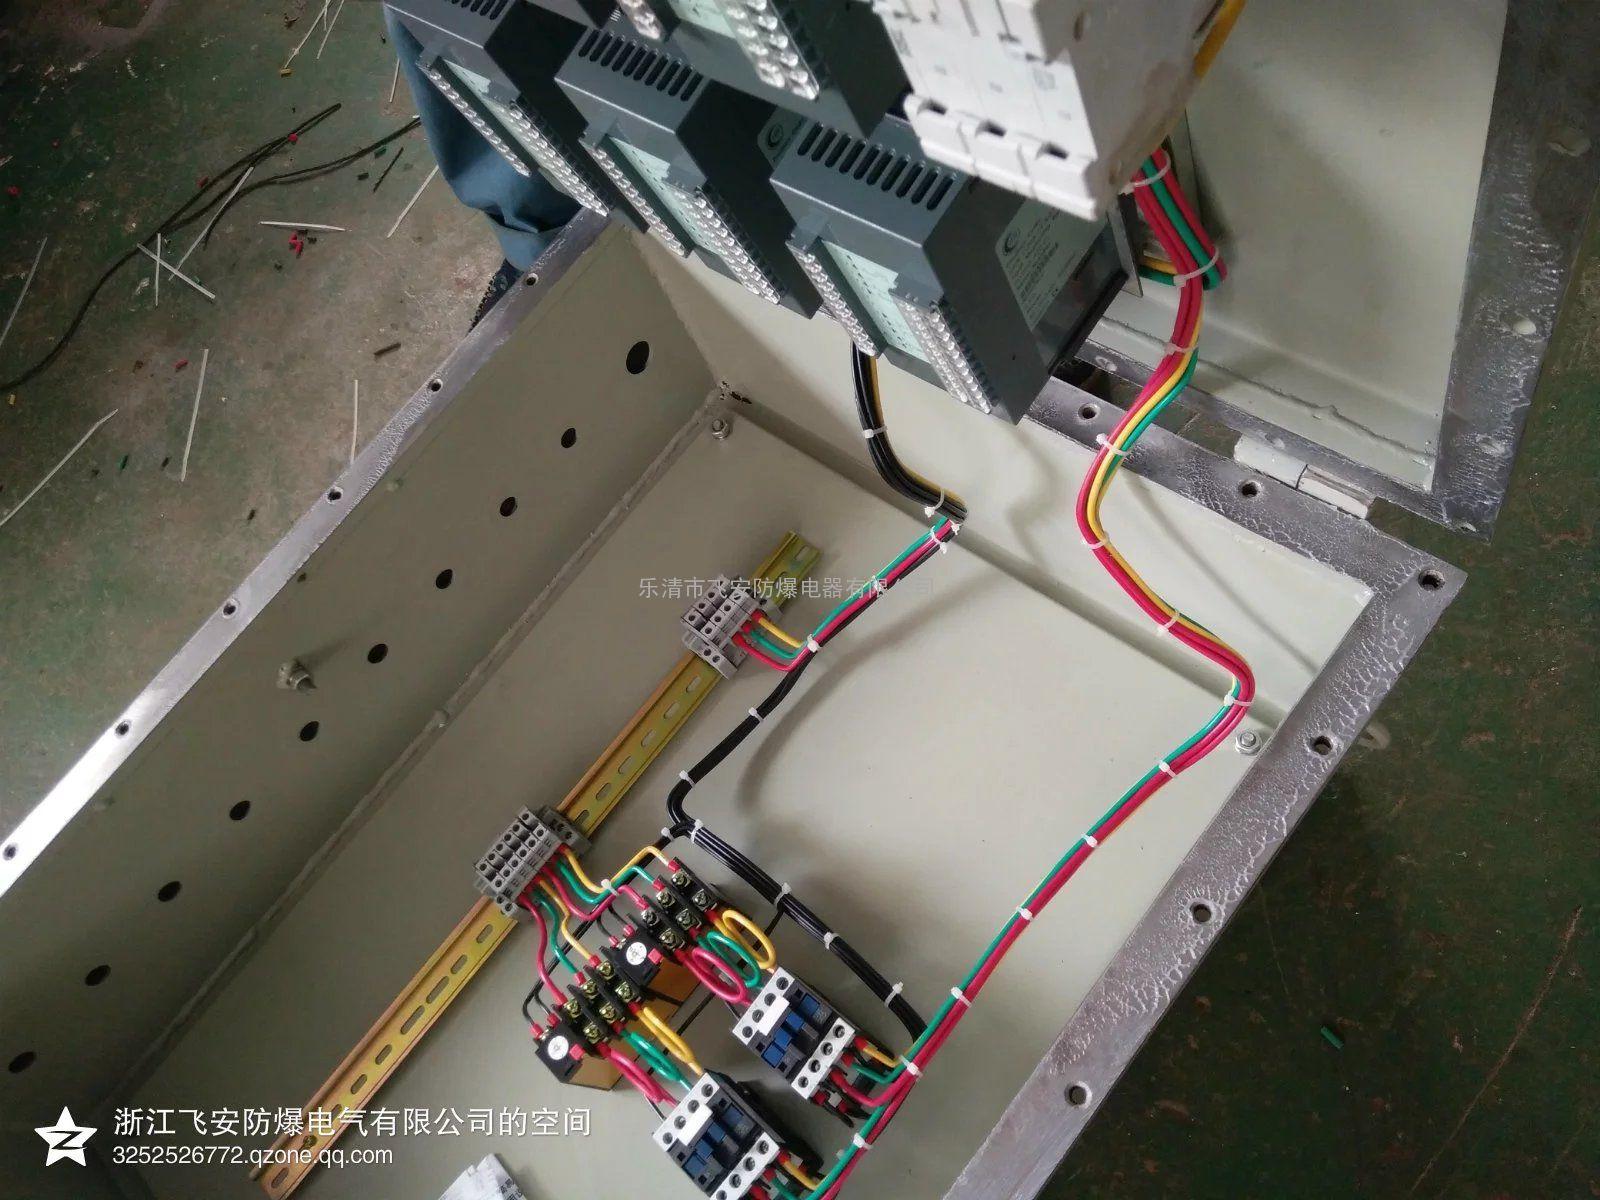 防爆动力不锈钢配电箱,生产厂家-防爆接线箱-铸铝防爆